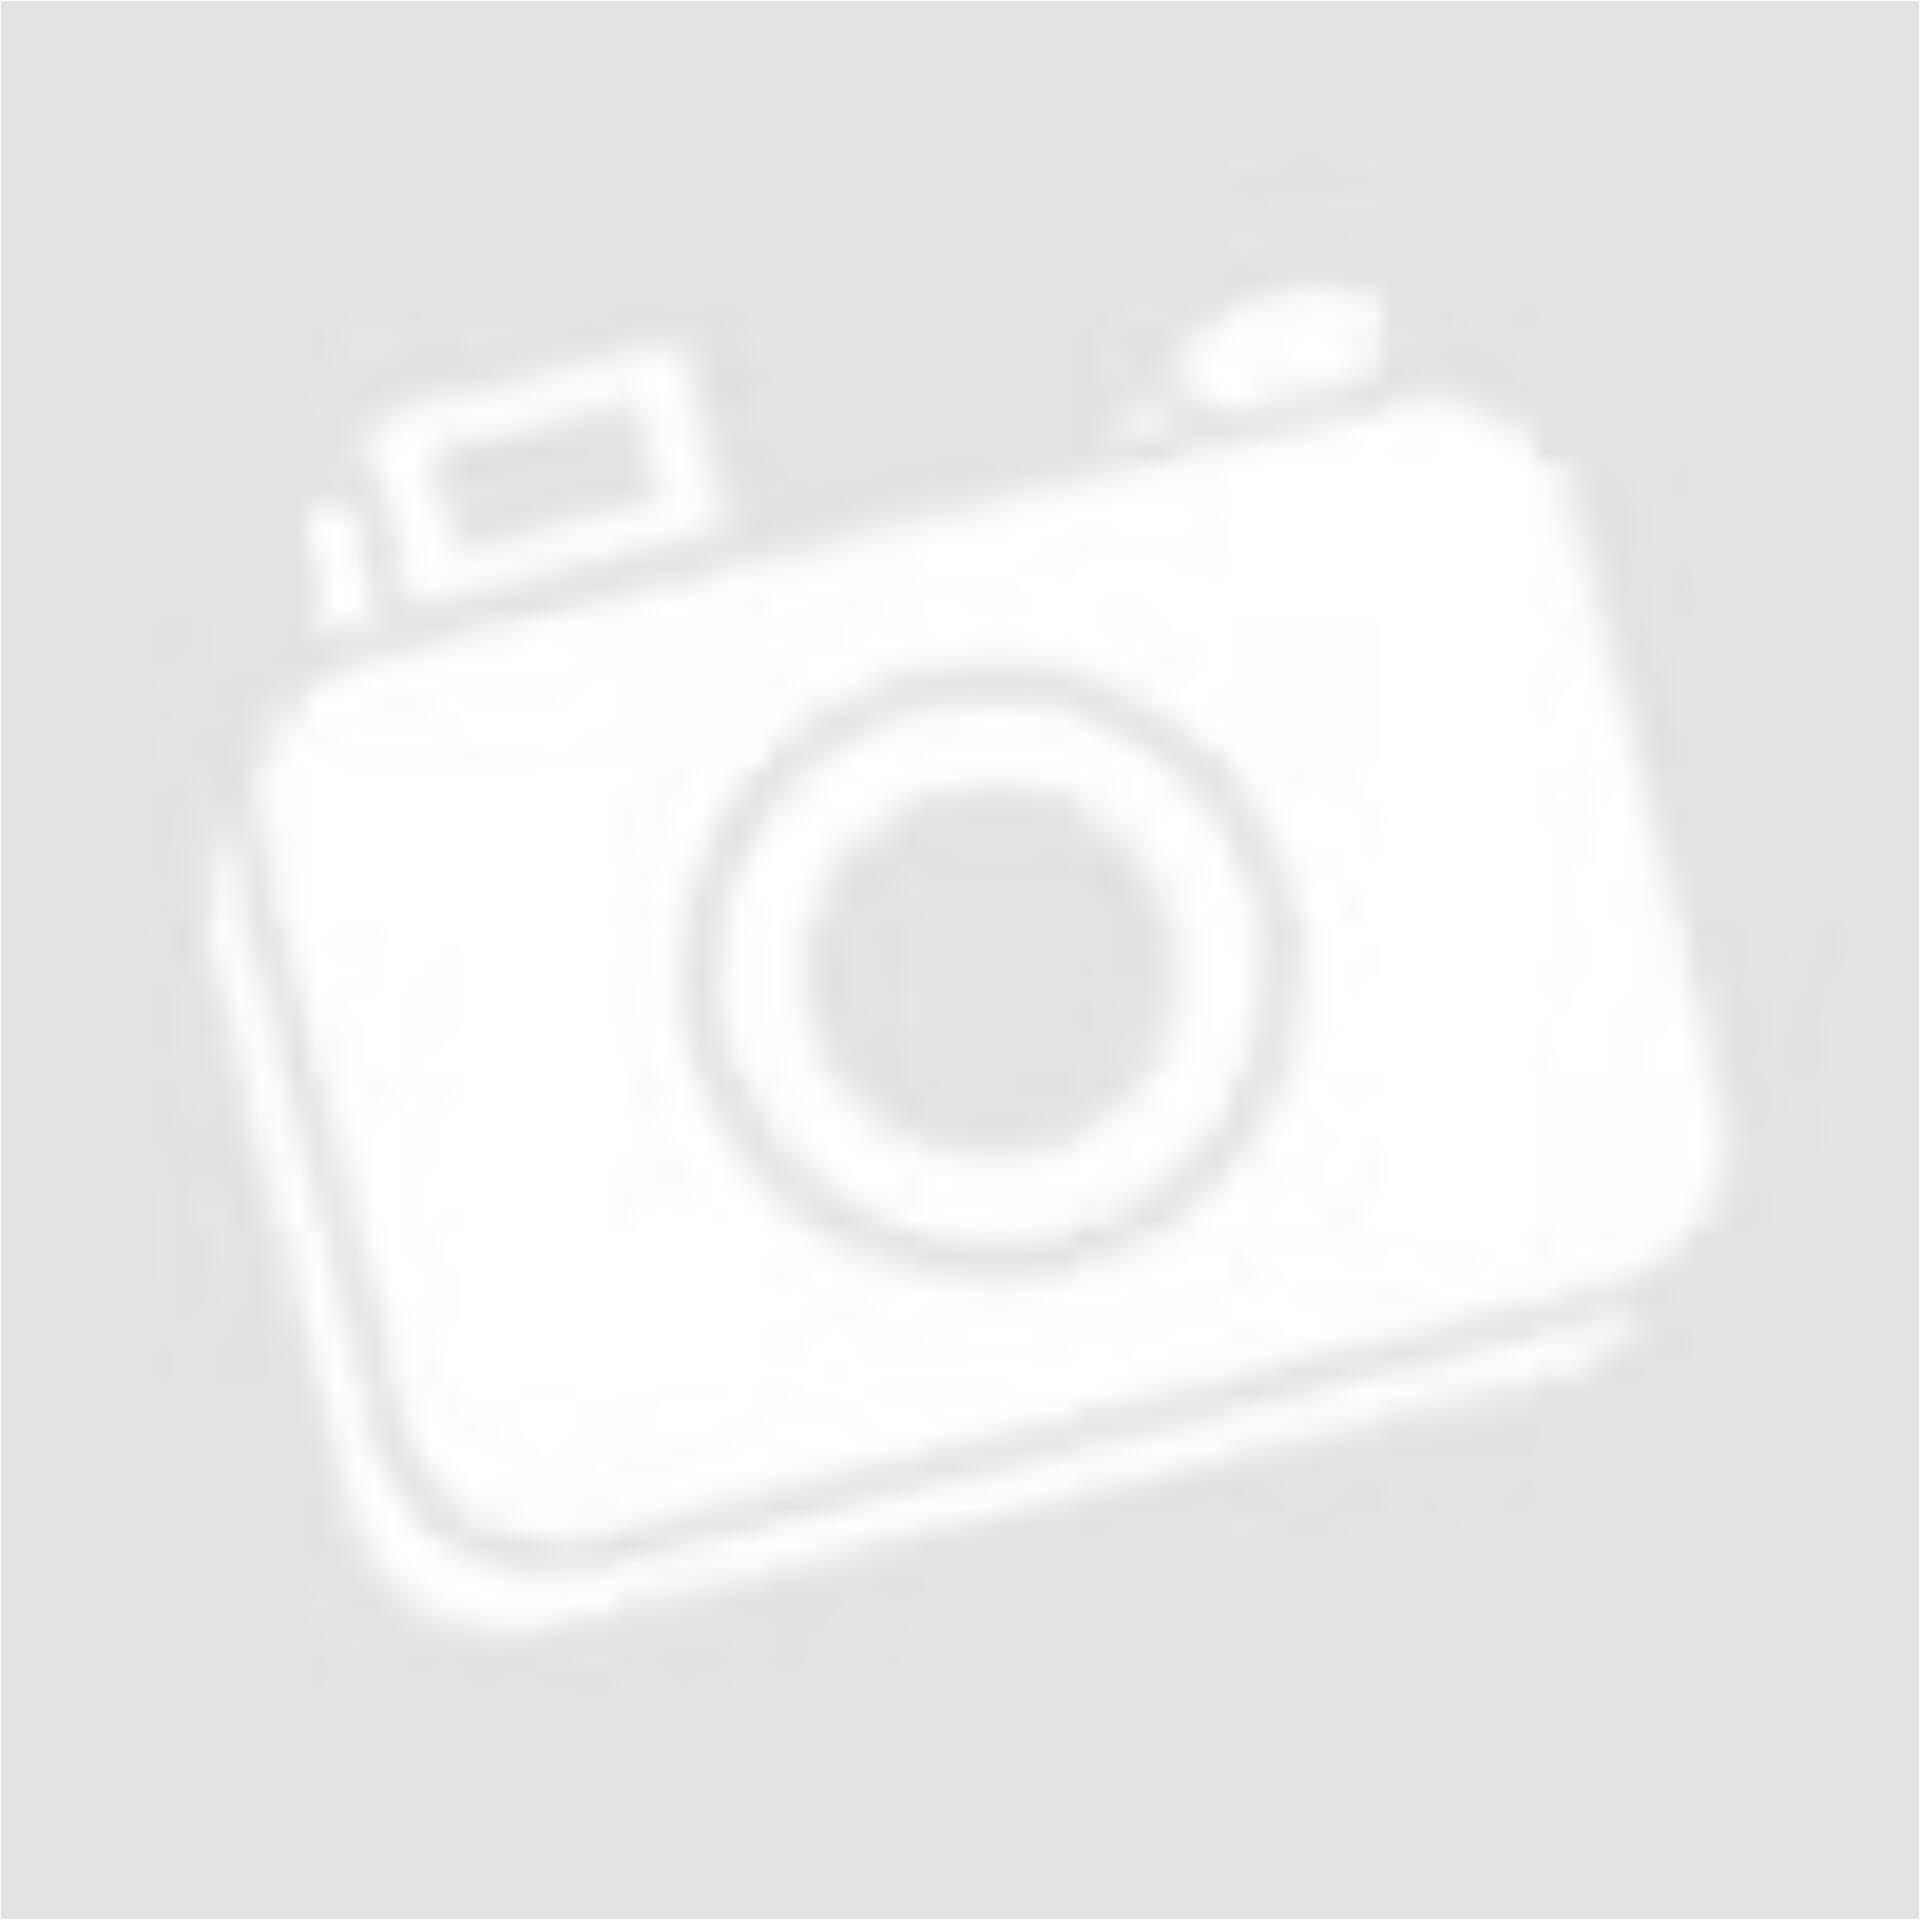 5898e68526 H&M bordó-fehér kockás férfi ing (Méret: XL) - Ing - Öltözz ki ...